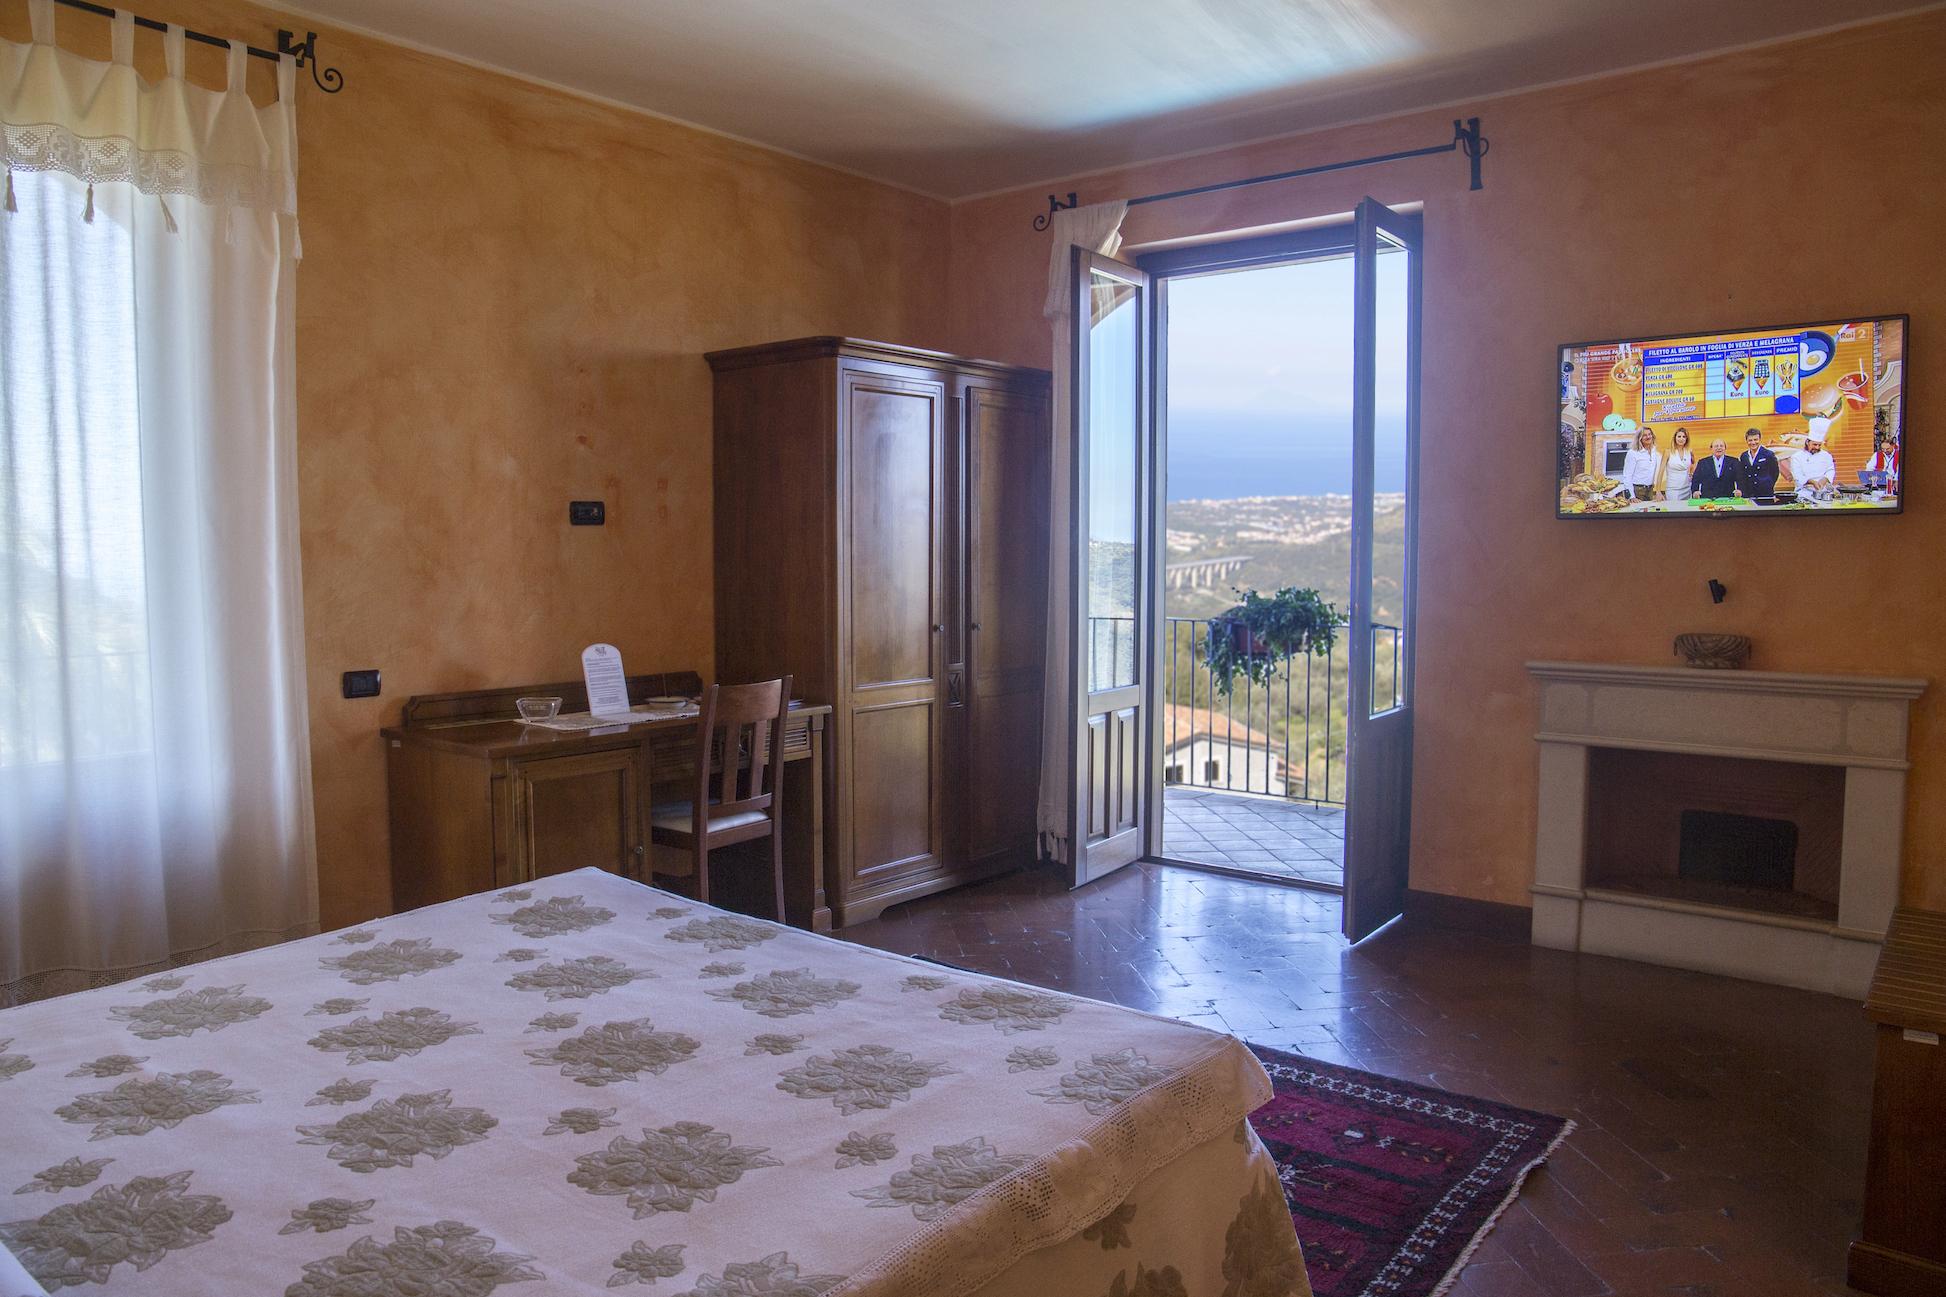 hotel-anticafilanda-8.jpg